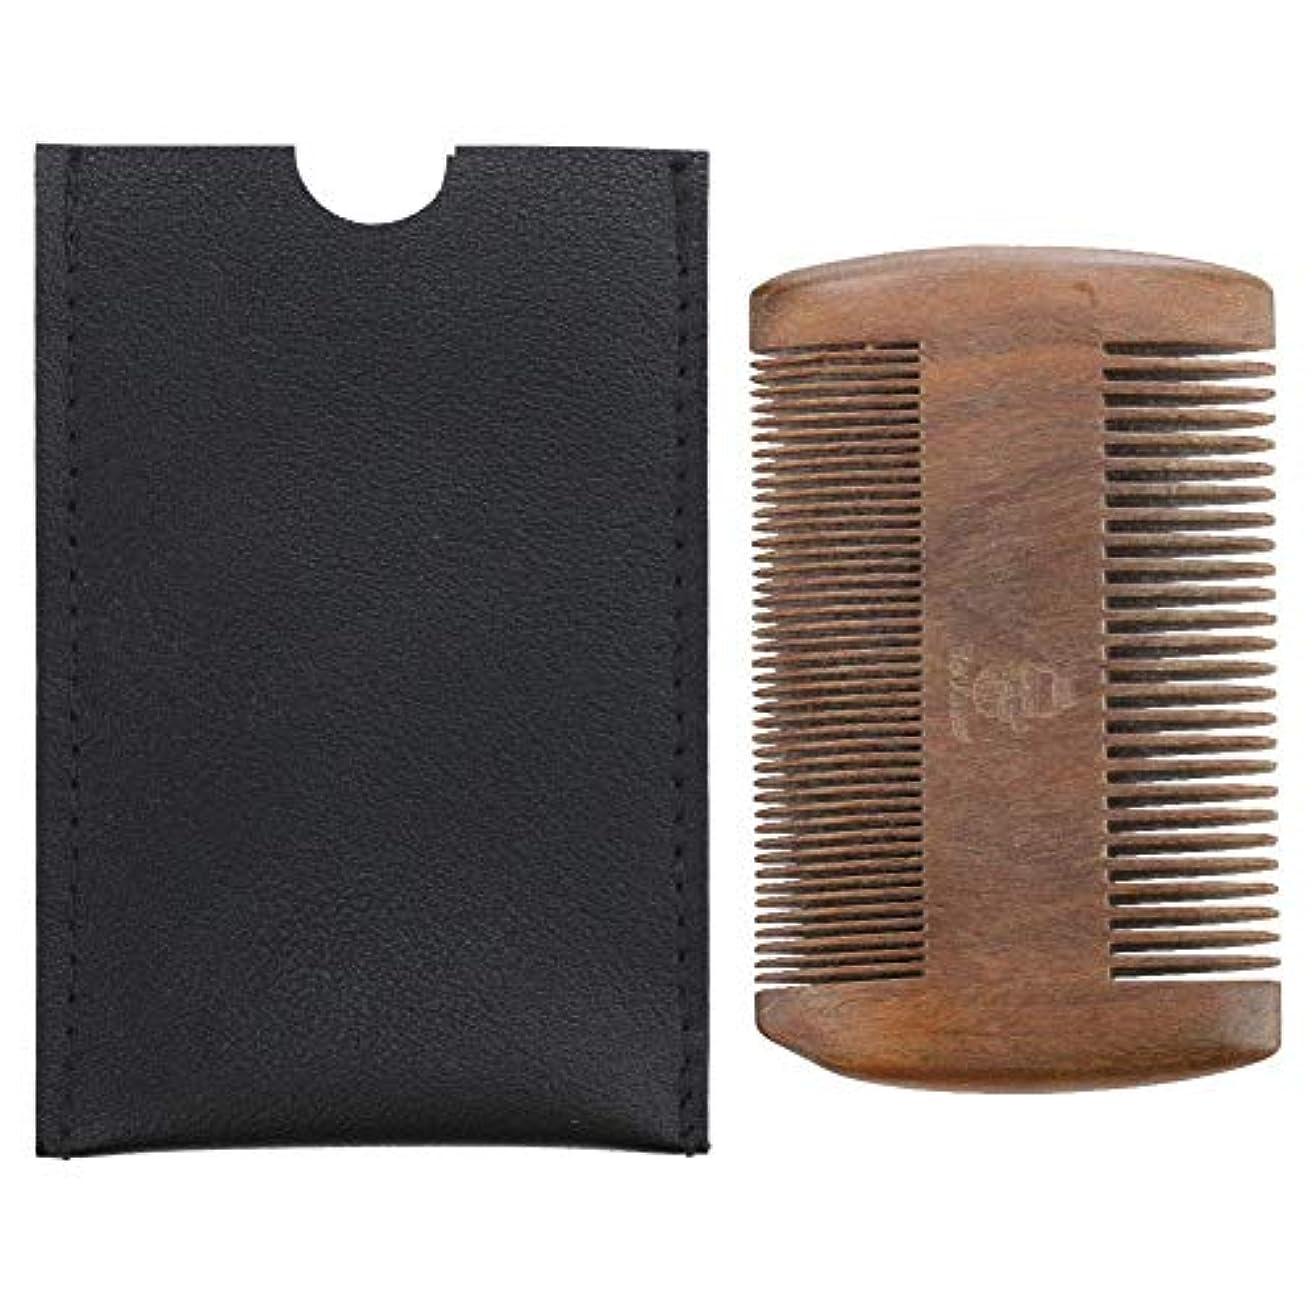 広告するディスパッチお木製口ひげ静電気防止シェーパースタイリングくし